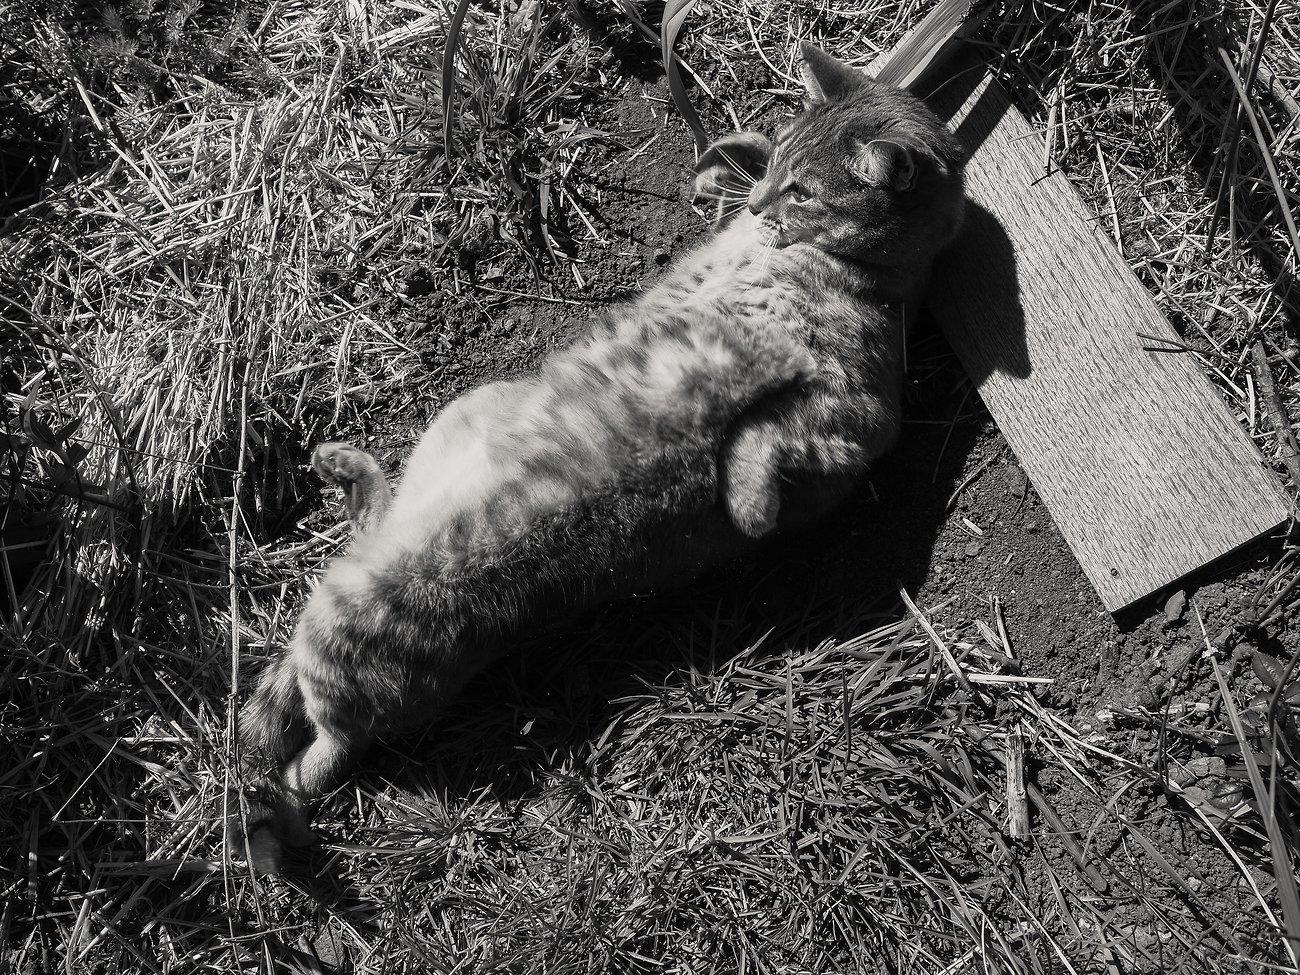 PenF_Day12_Easter_Cat#4 (KodakchrMem).jpg